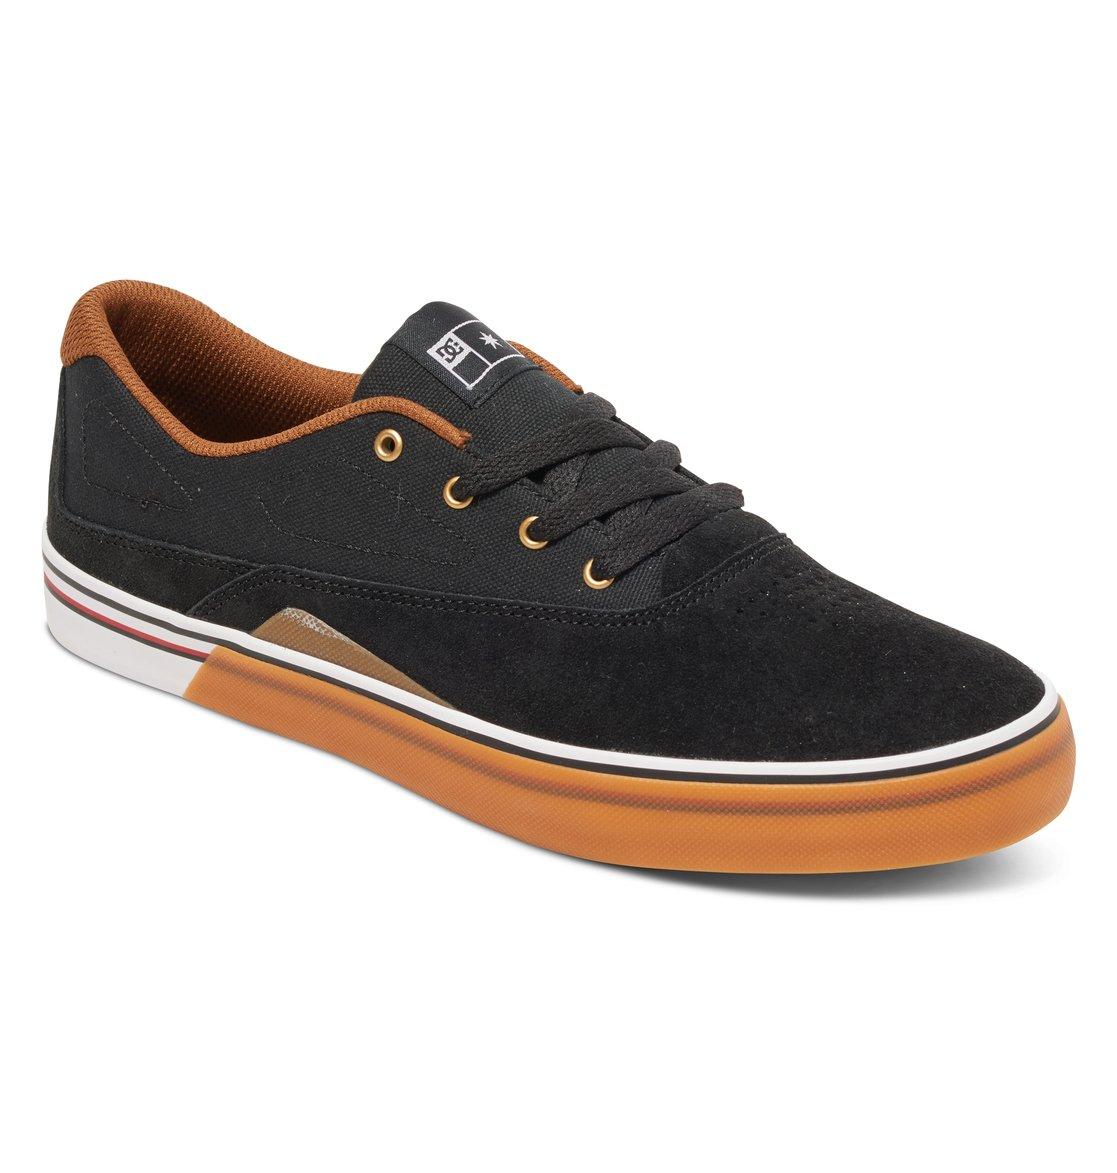 e6c8d198e4 1 Men's Sultan S Shoes ADYS300196 DC Shoes